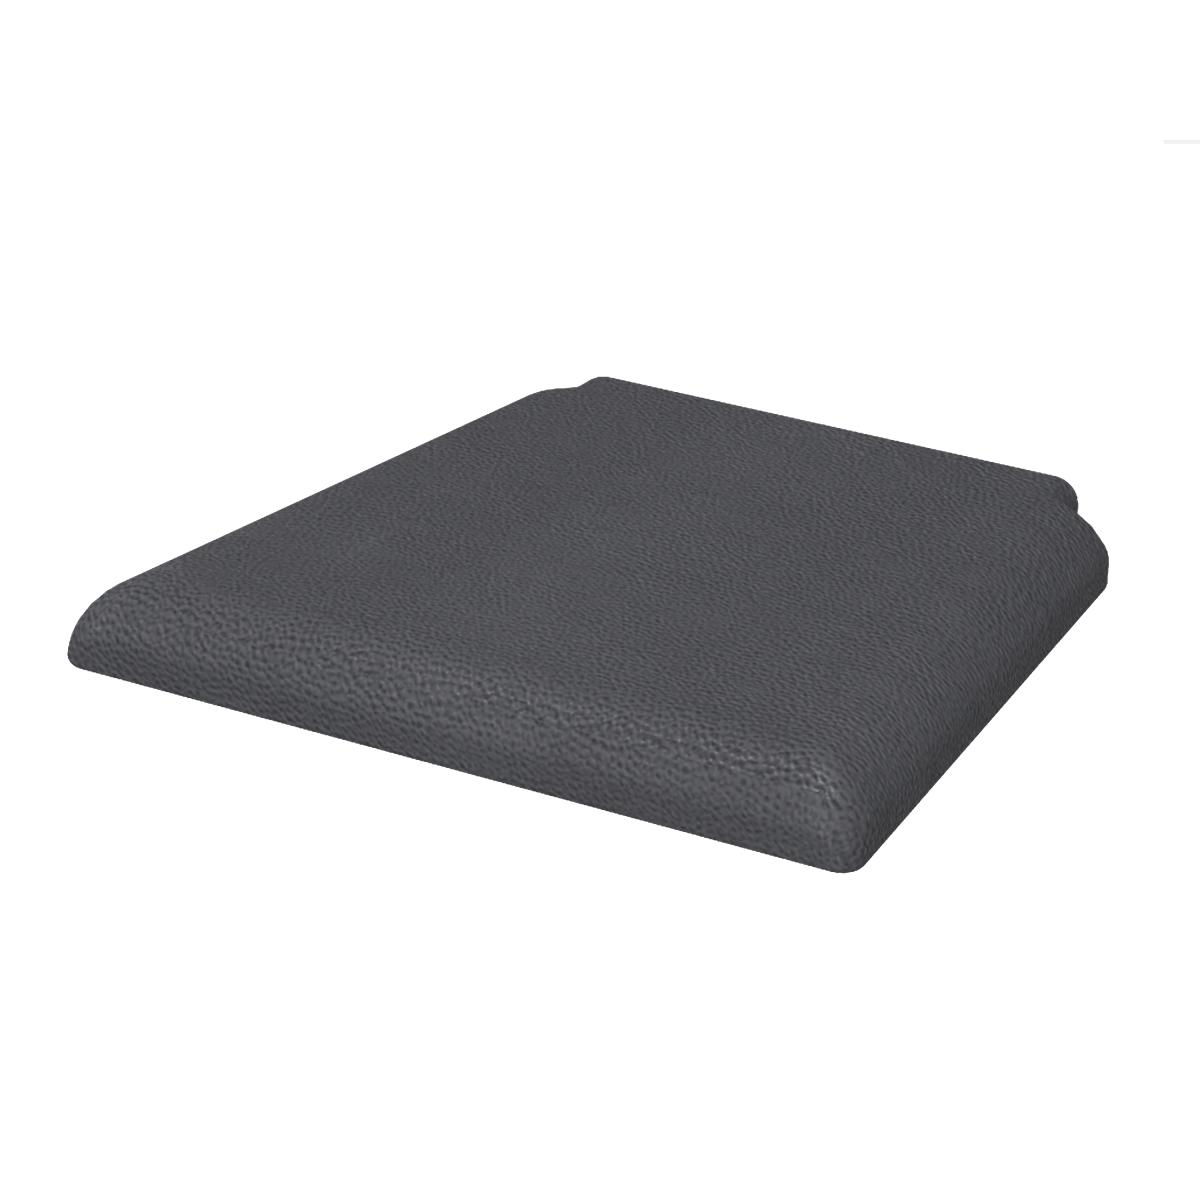 Сиденье для стула Delinia Марсель 43.5х40.5 см цвет серый